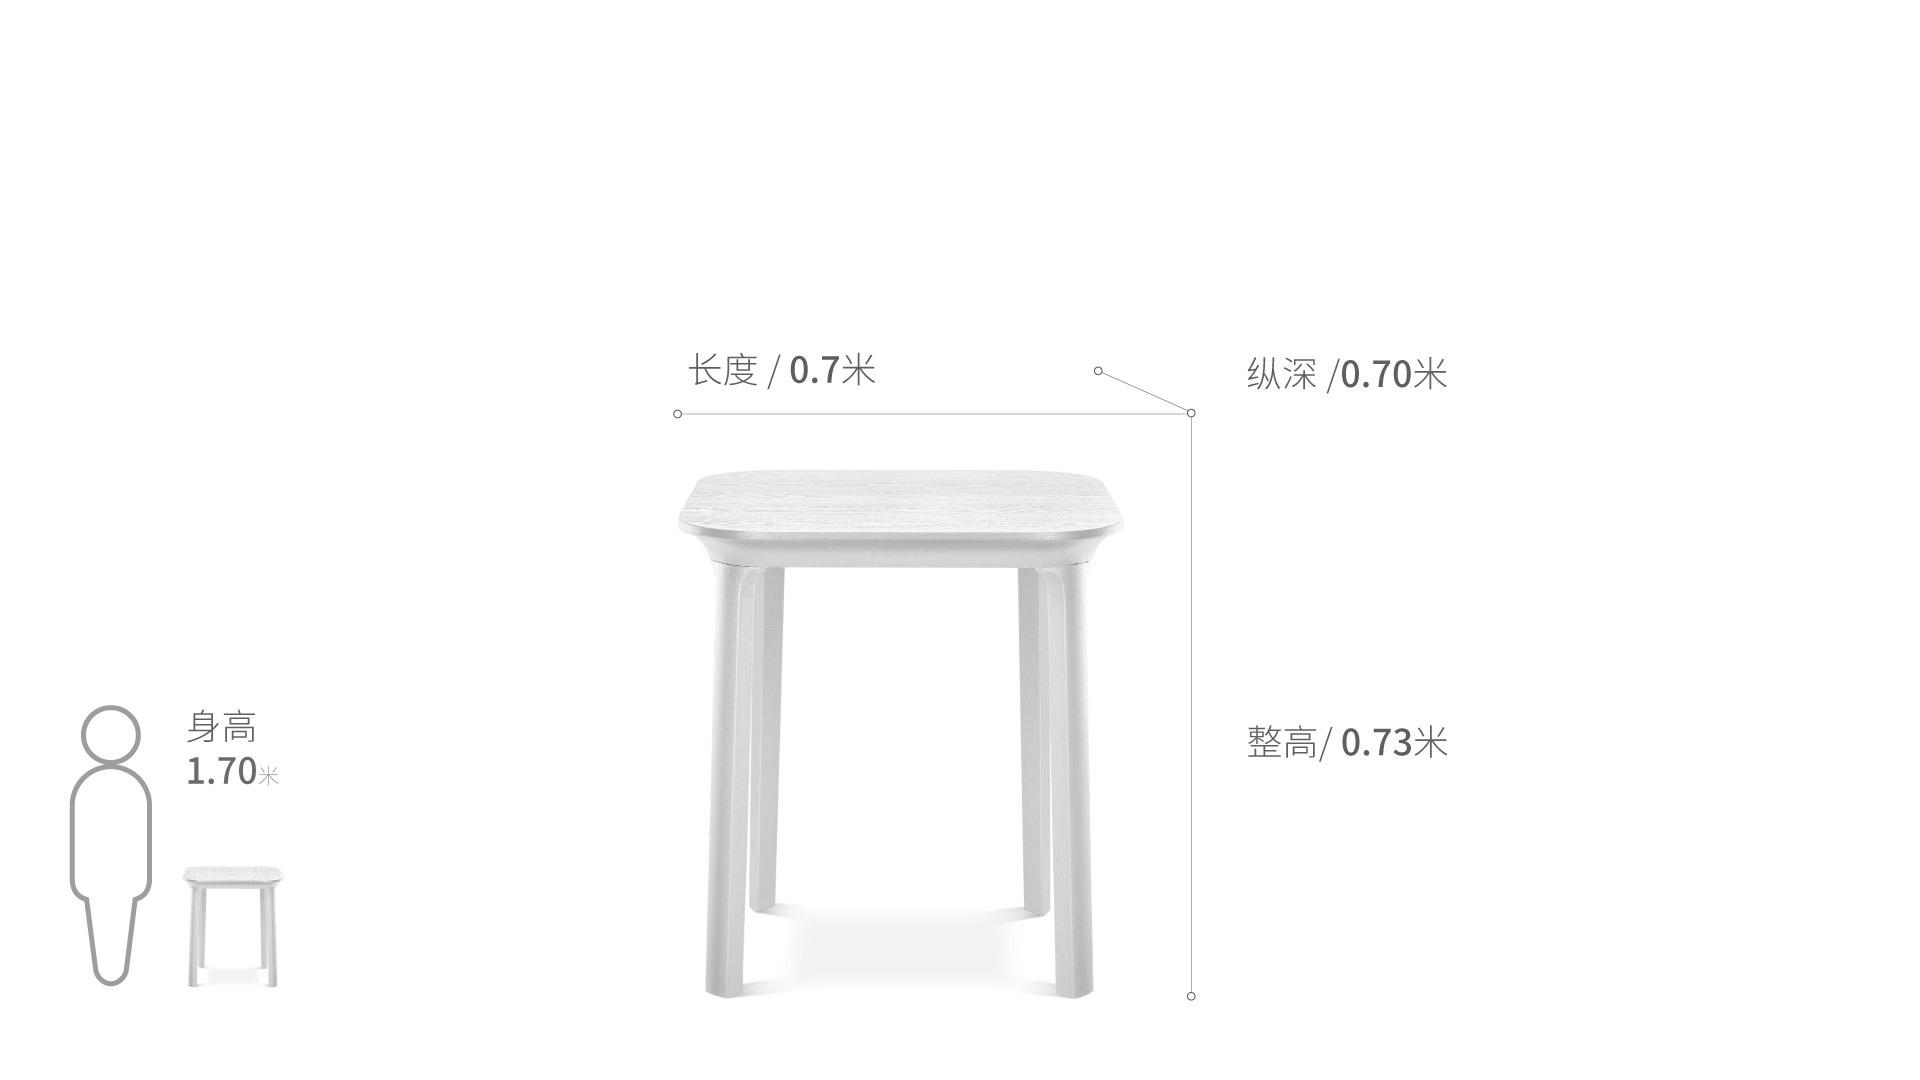 瓦檐餐桌方餐桌桌几效果图